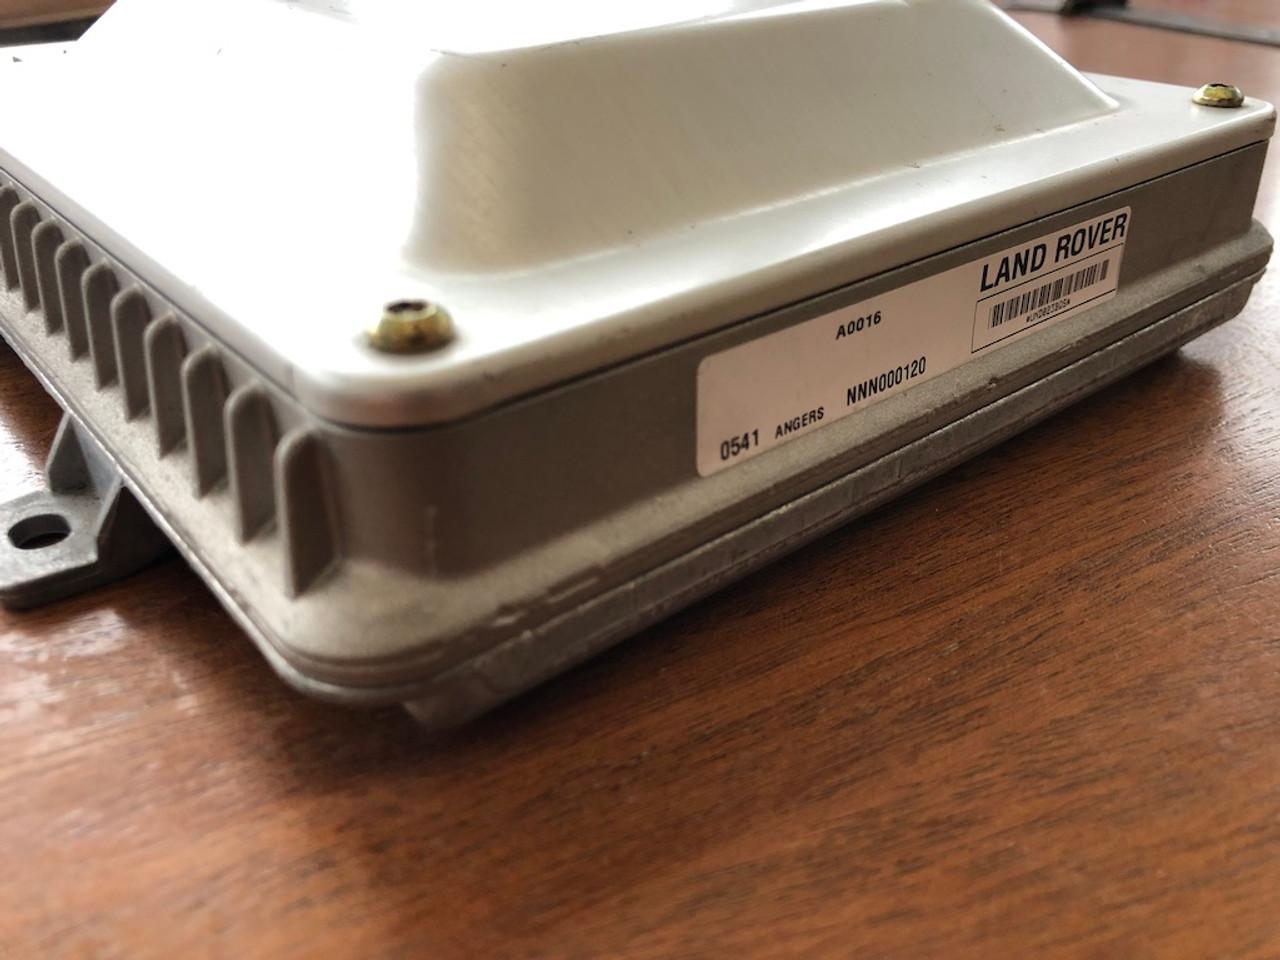 Plug & Play Engine ECU Land Rover Defender 2.5 TD5, NNN000120